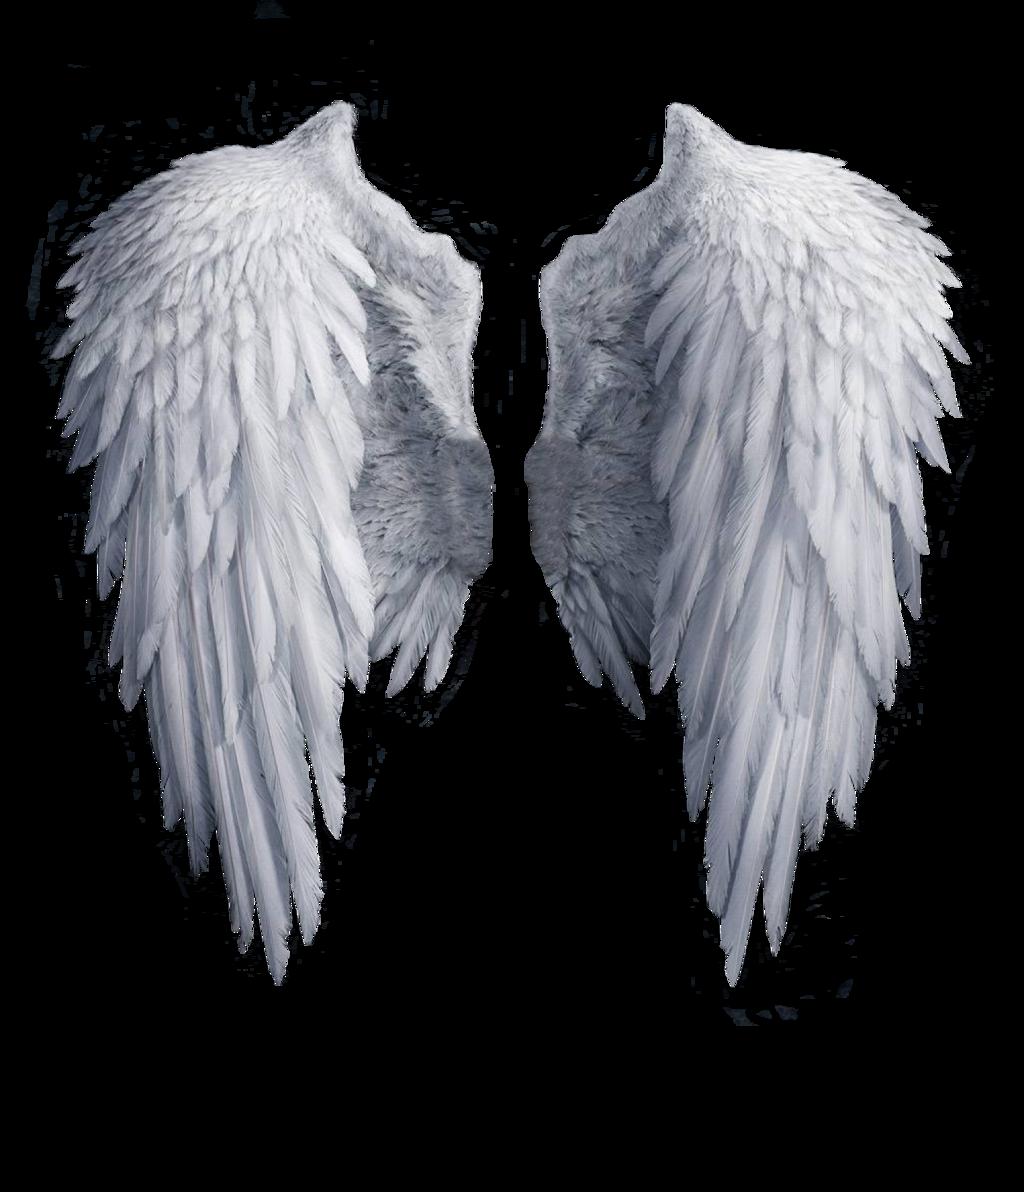 Angel Wings Stock Png By Shadow Of Nemo D7j2t68 Png 1 024 1 192 Pixels Gambar Sayap Tato Sayap Malaikat Sayap Malaikat